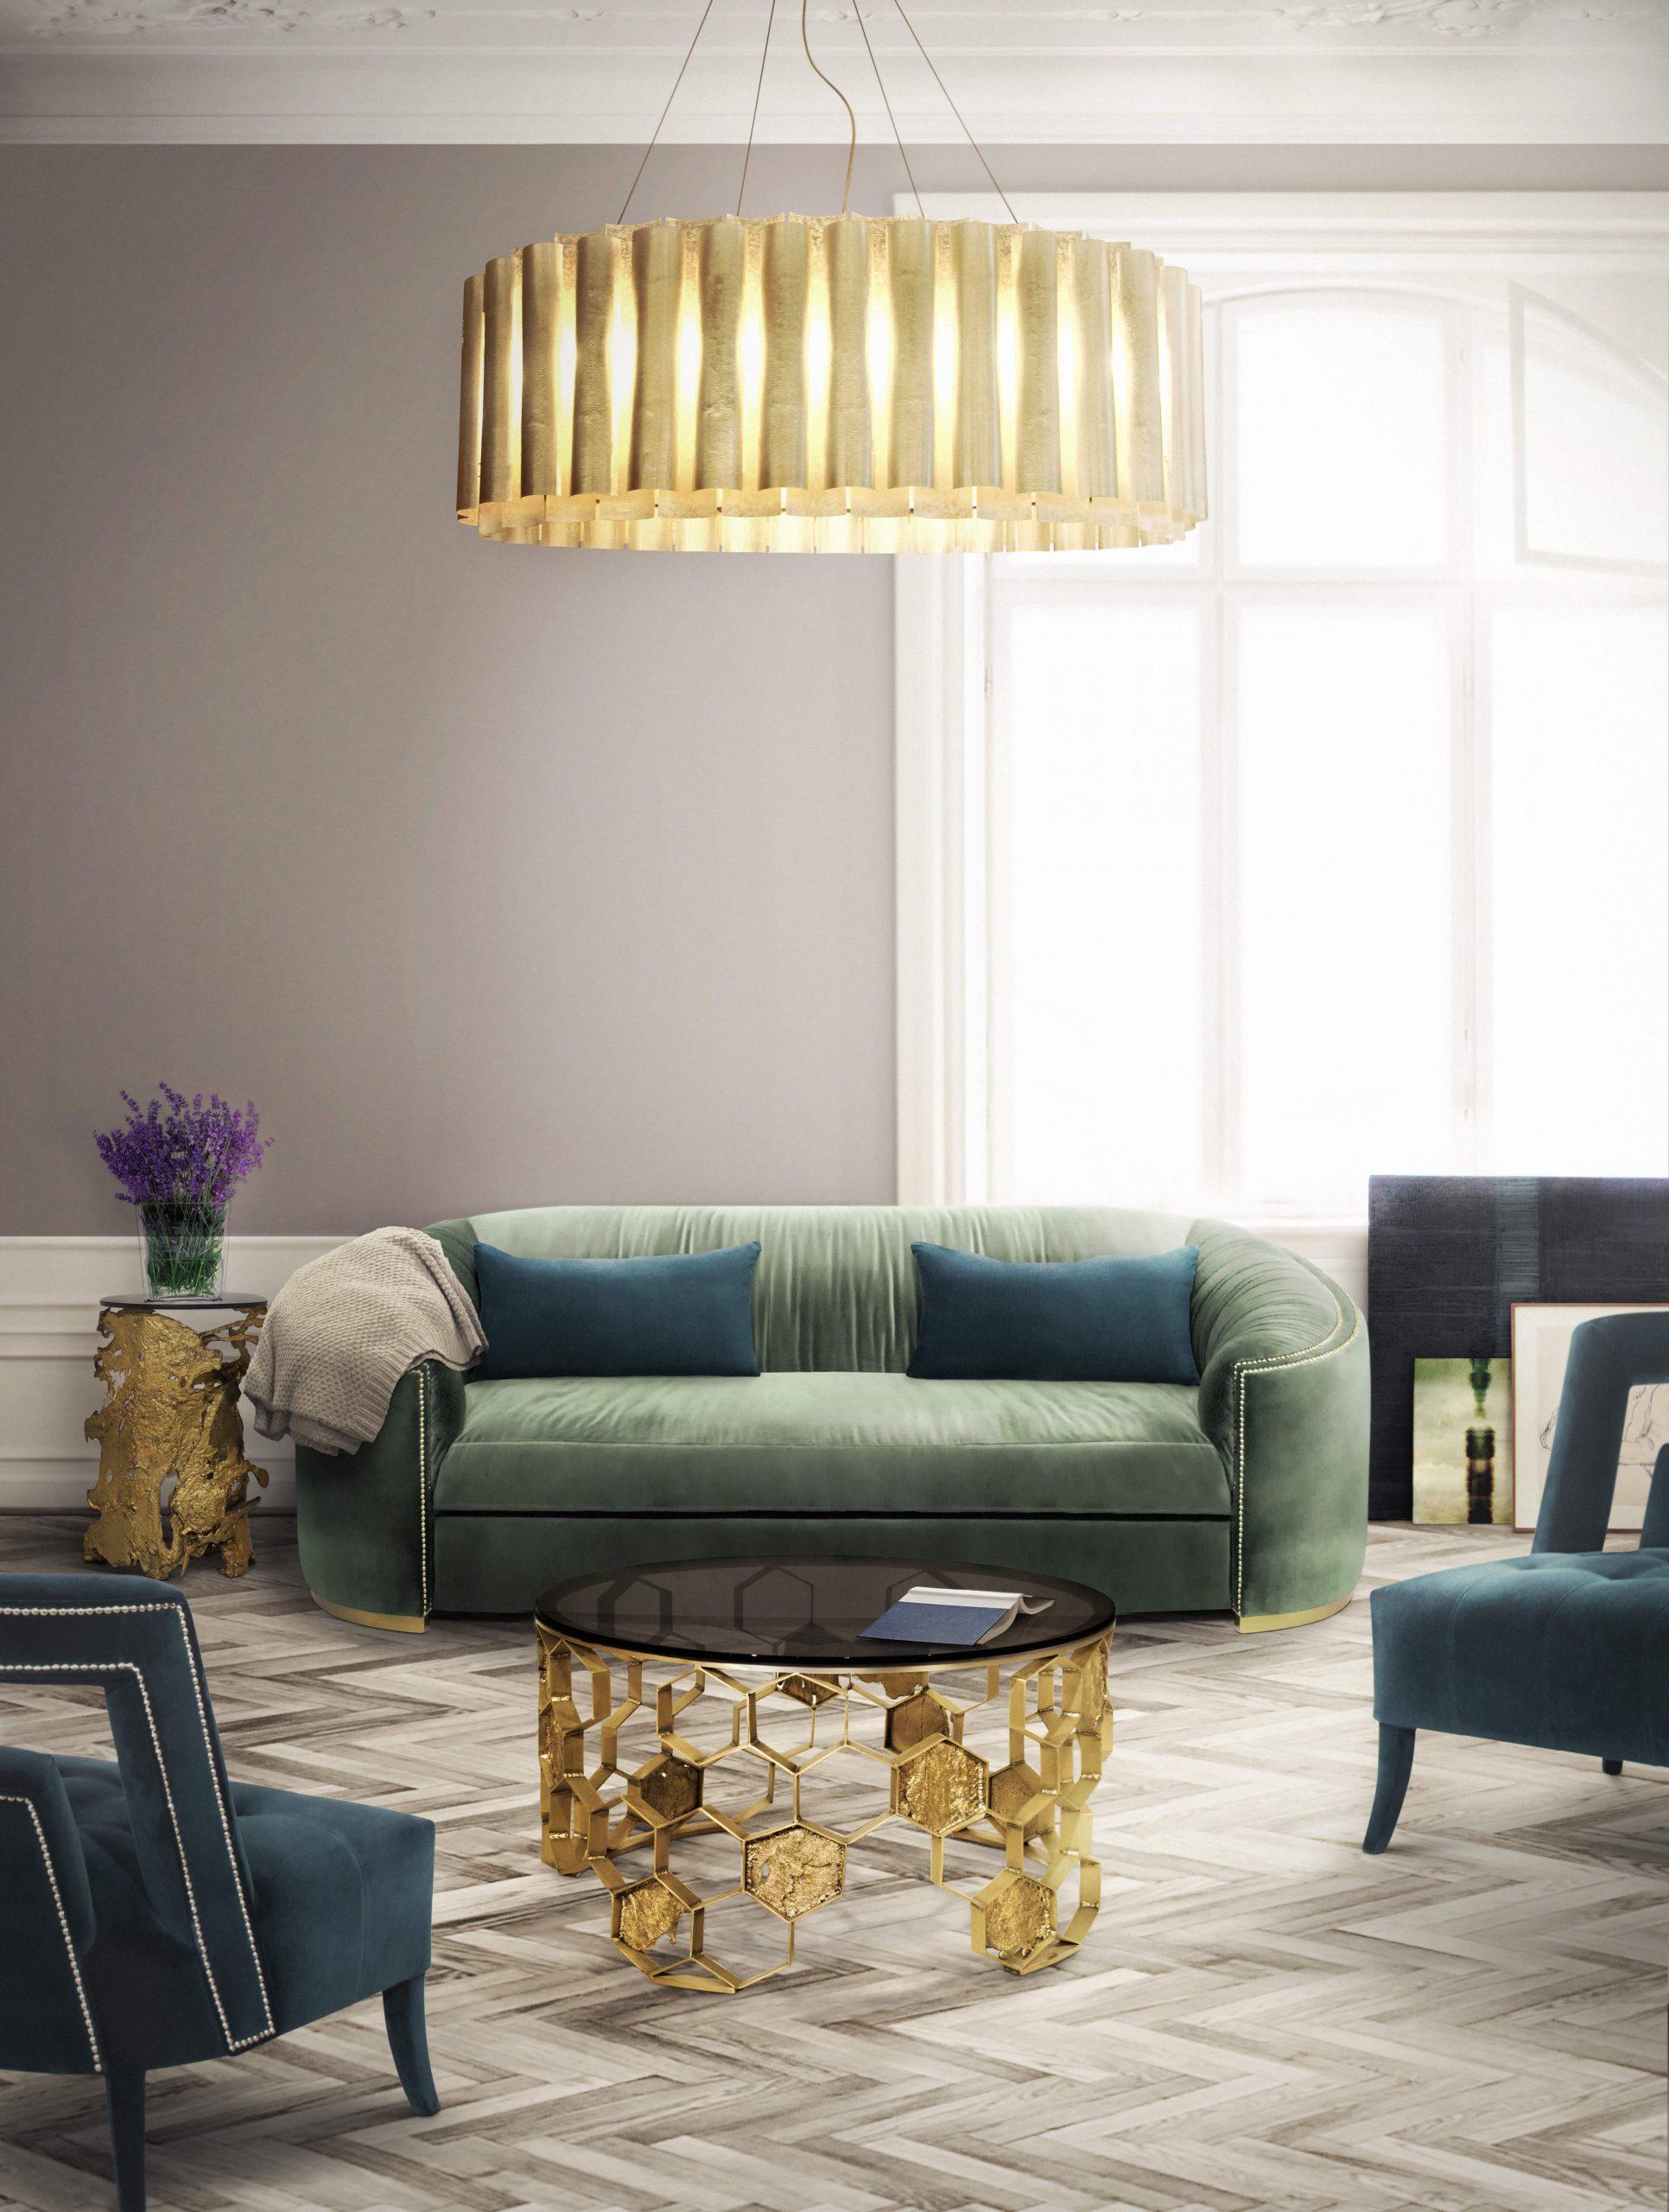 5 Best Velvet Sofas For Modern Living Rooms velvet sofas 5 Best Velvet Sofas For Modern Living Rooms brabbu ambience press 65 HR scaled